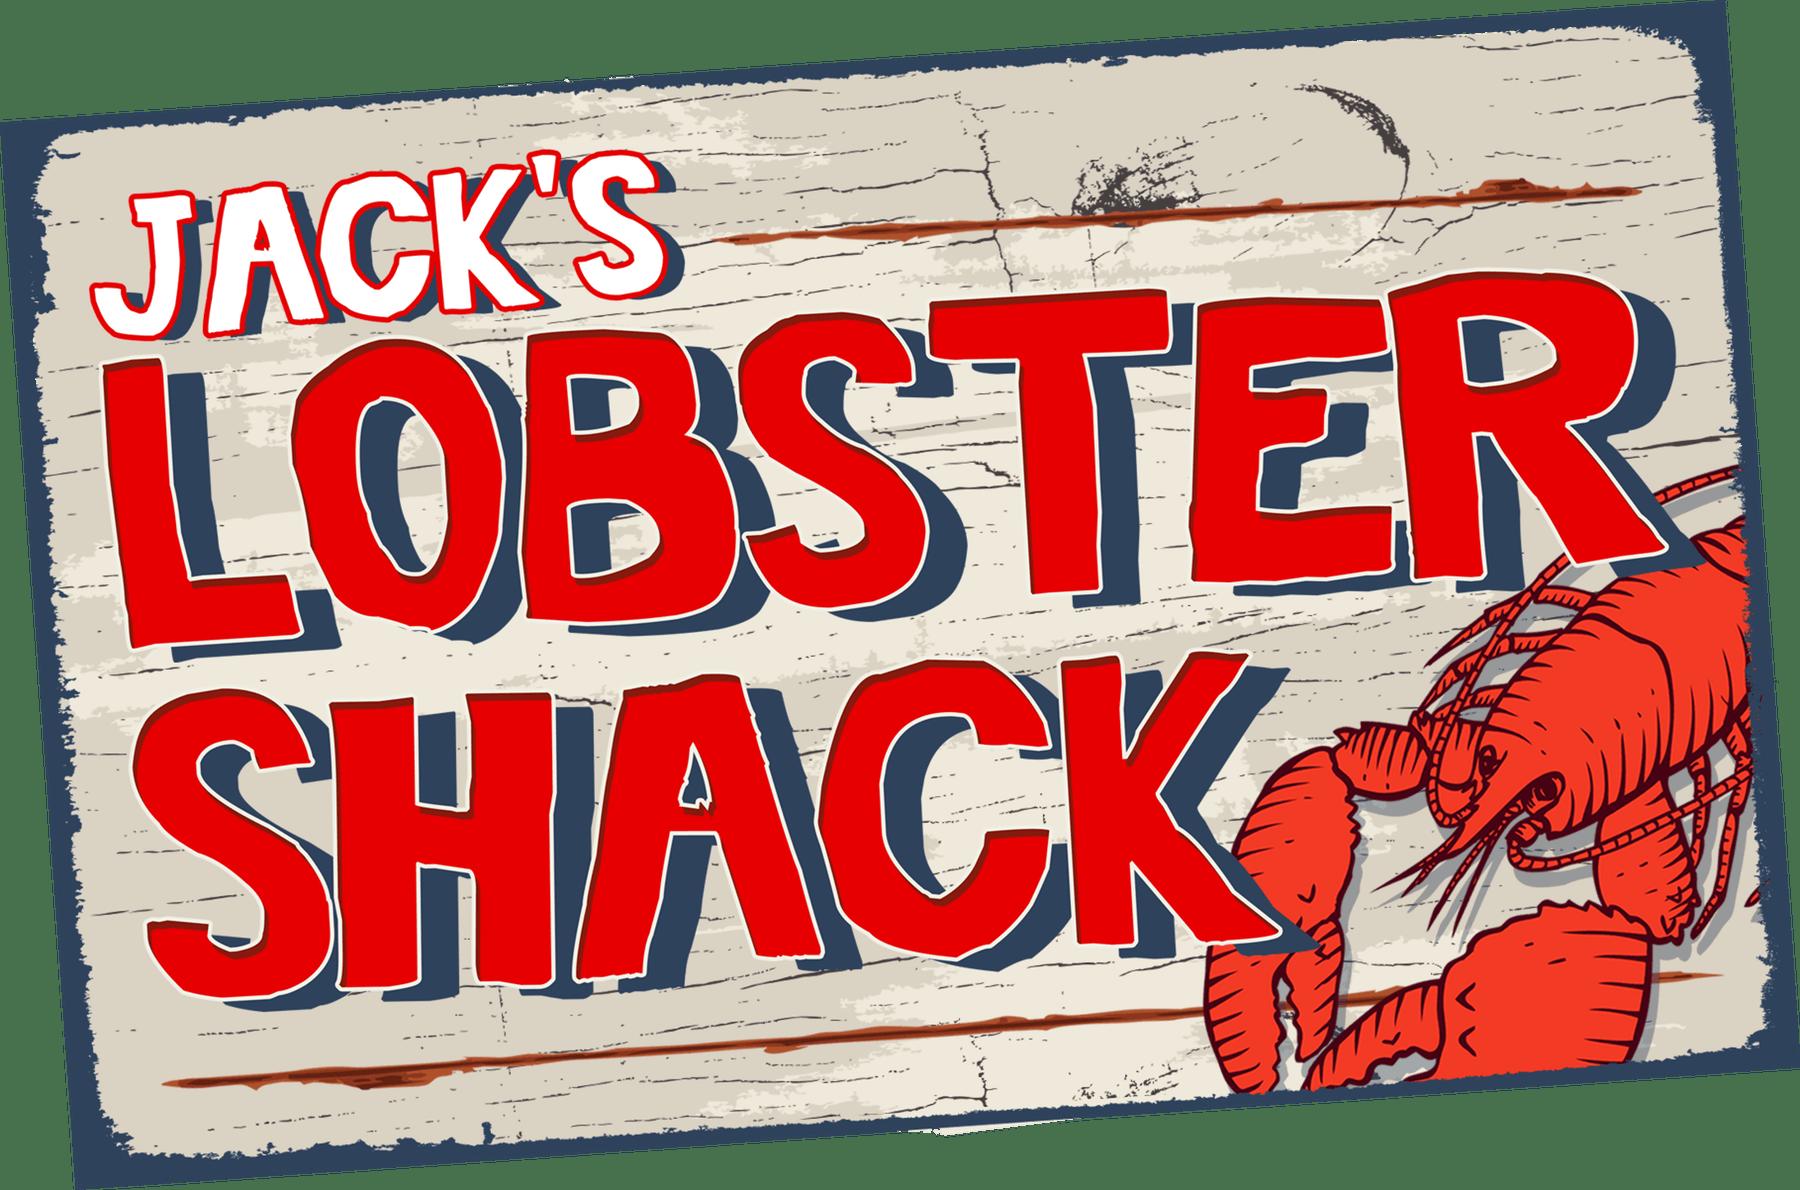 Jack's Lobster Shack Home